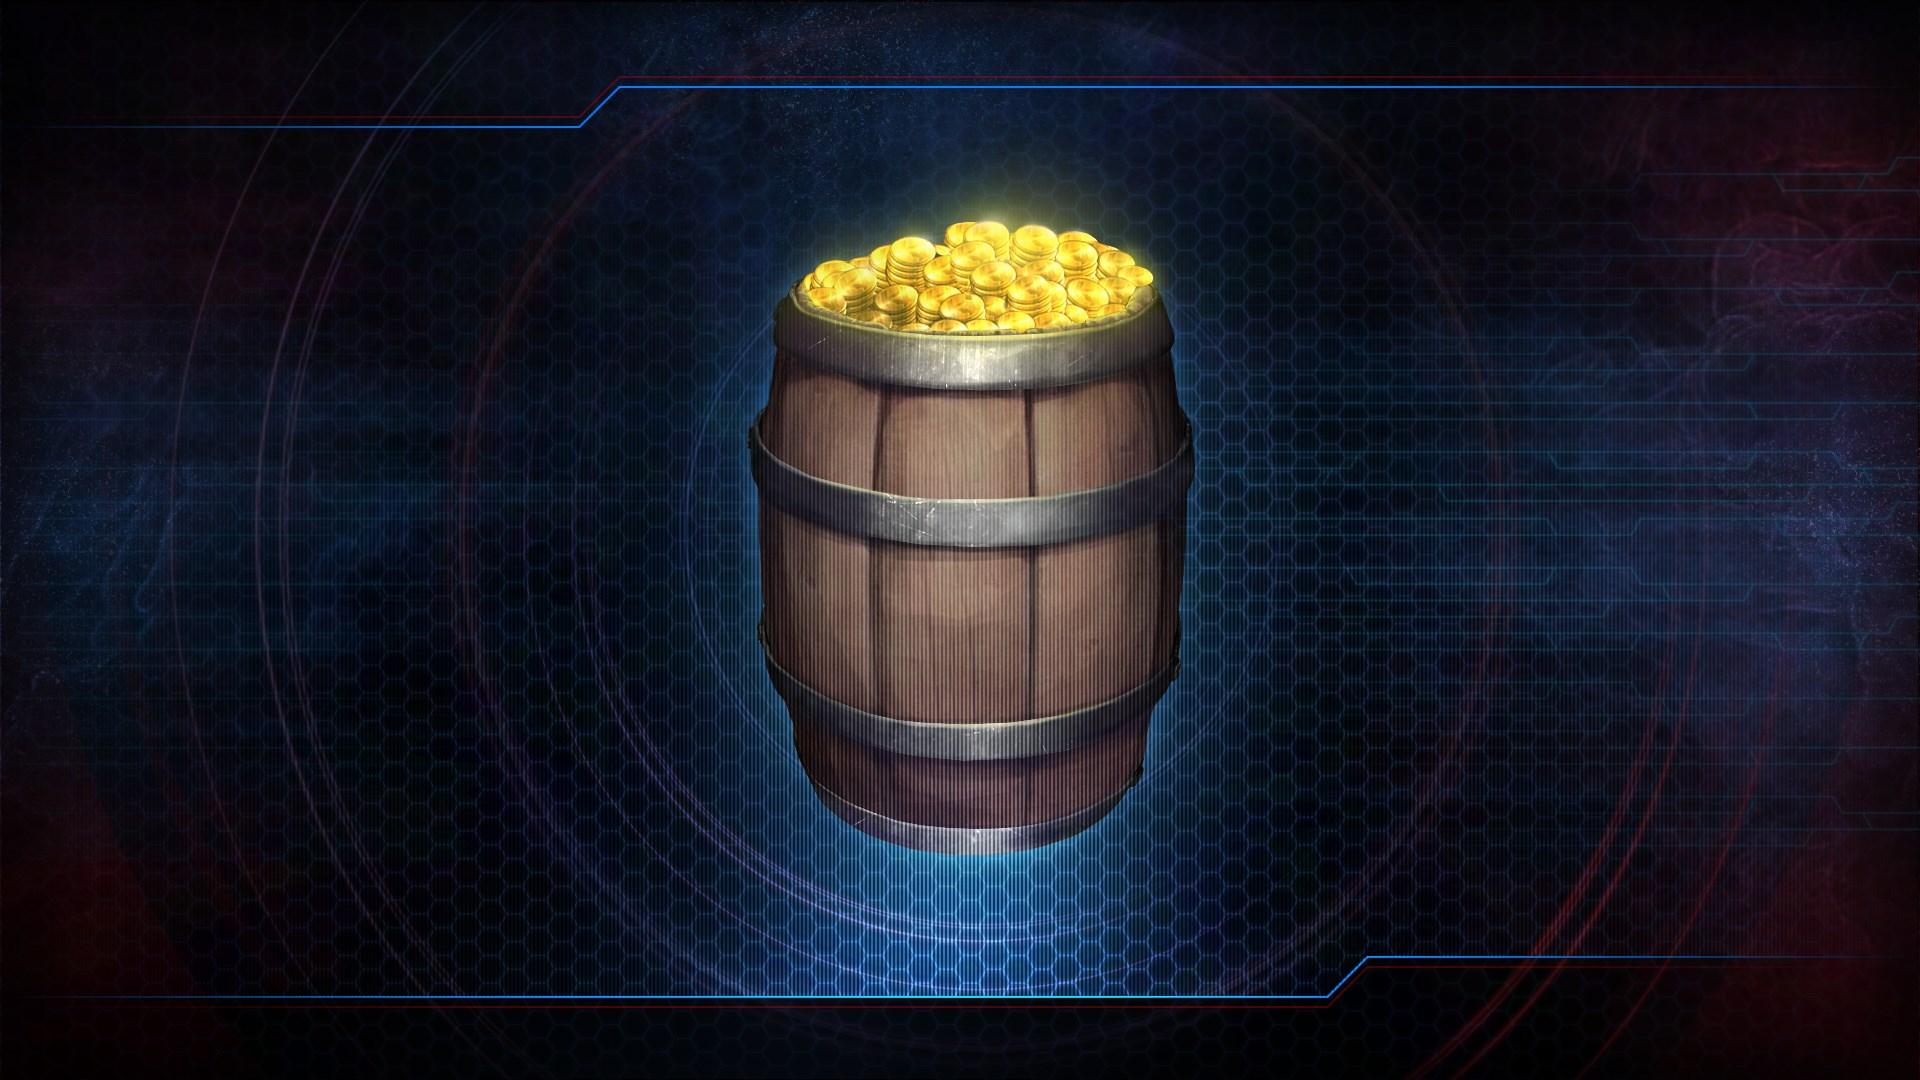 7,500 KI Gold